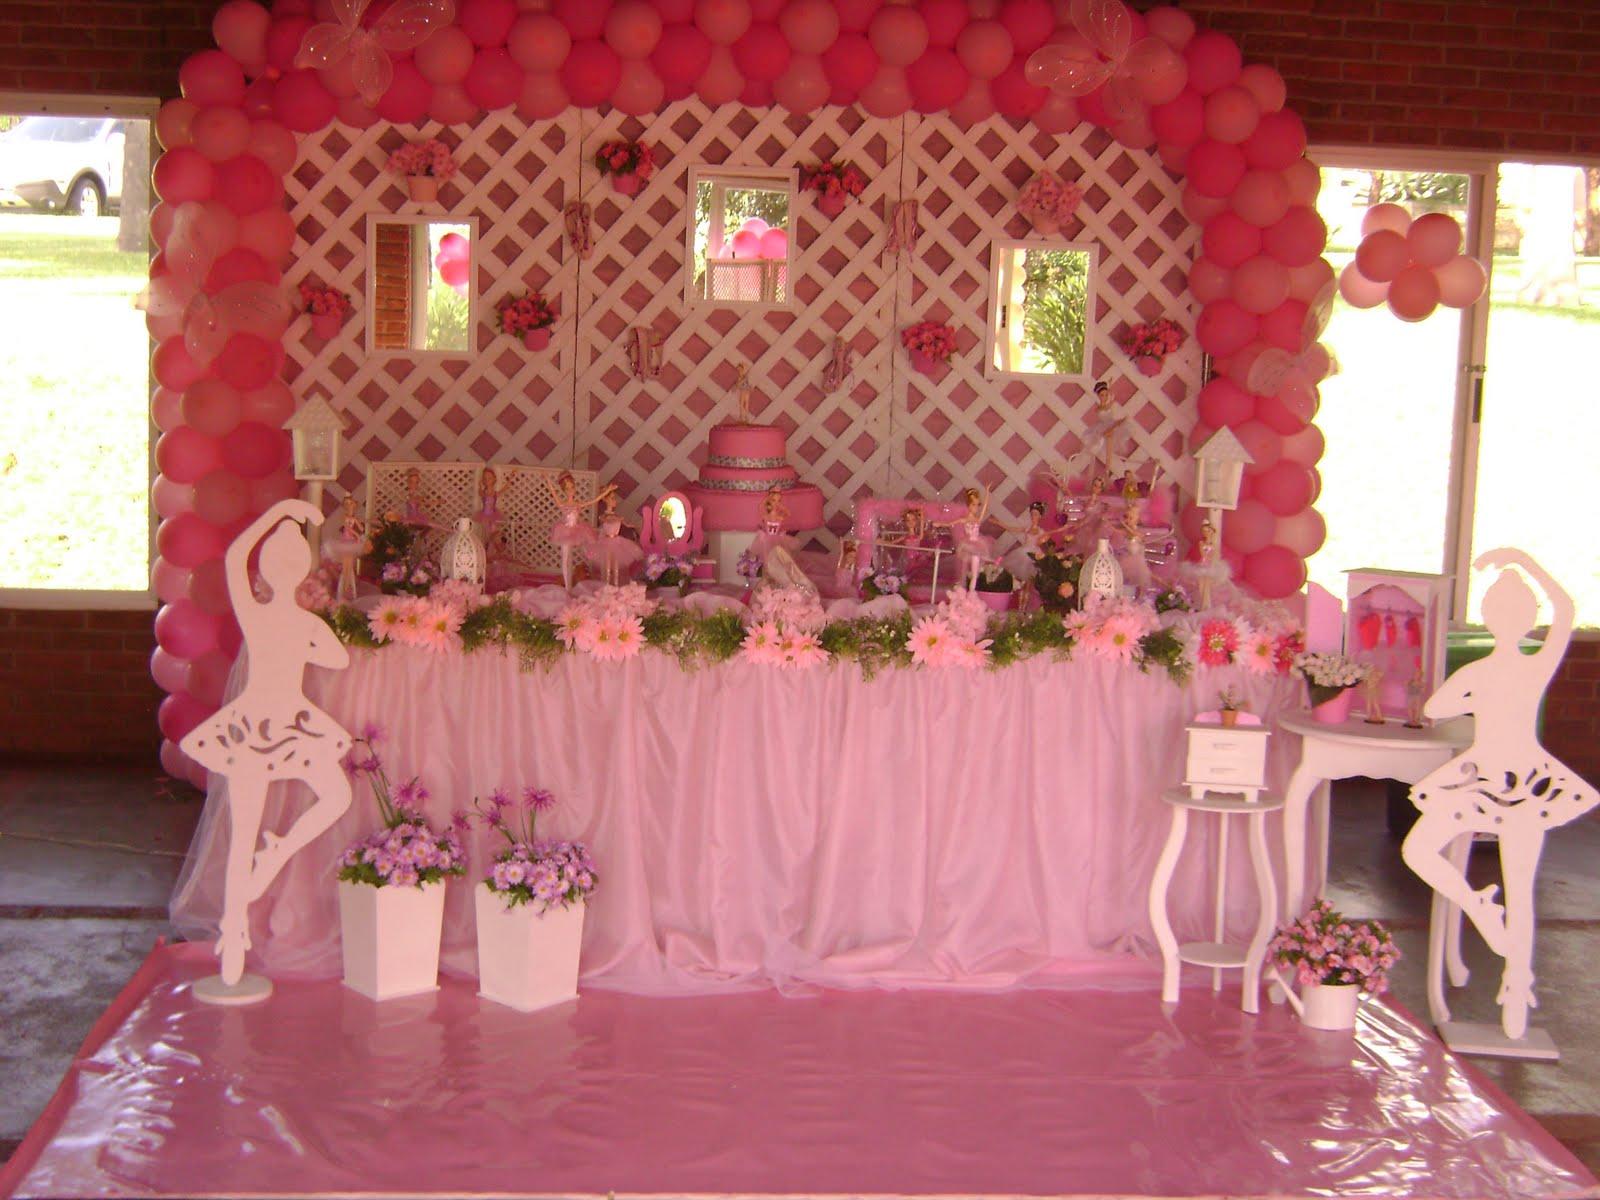 decoracao festa barbie : decoracao festa barbie:linda festa barbie bailarinas foi o tema da festa da anna domingo 17